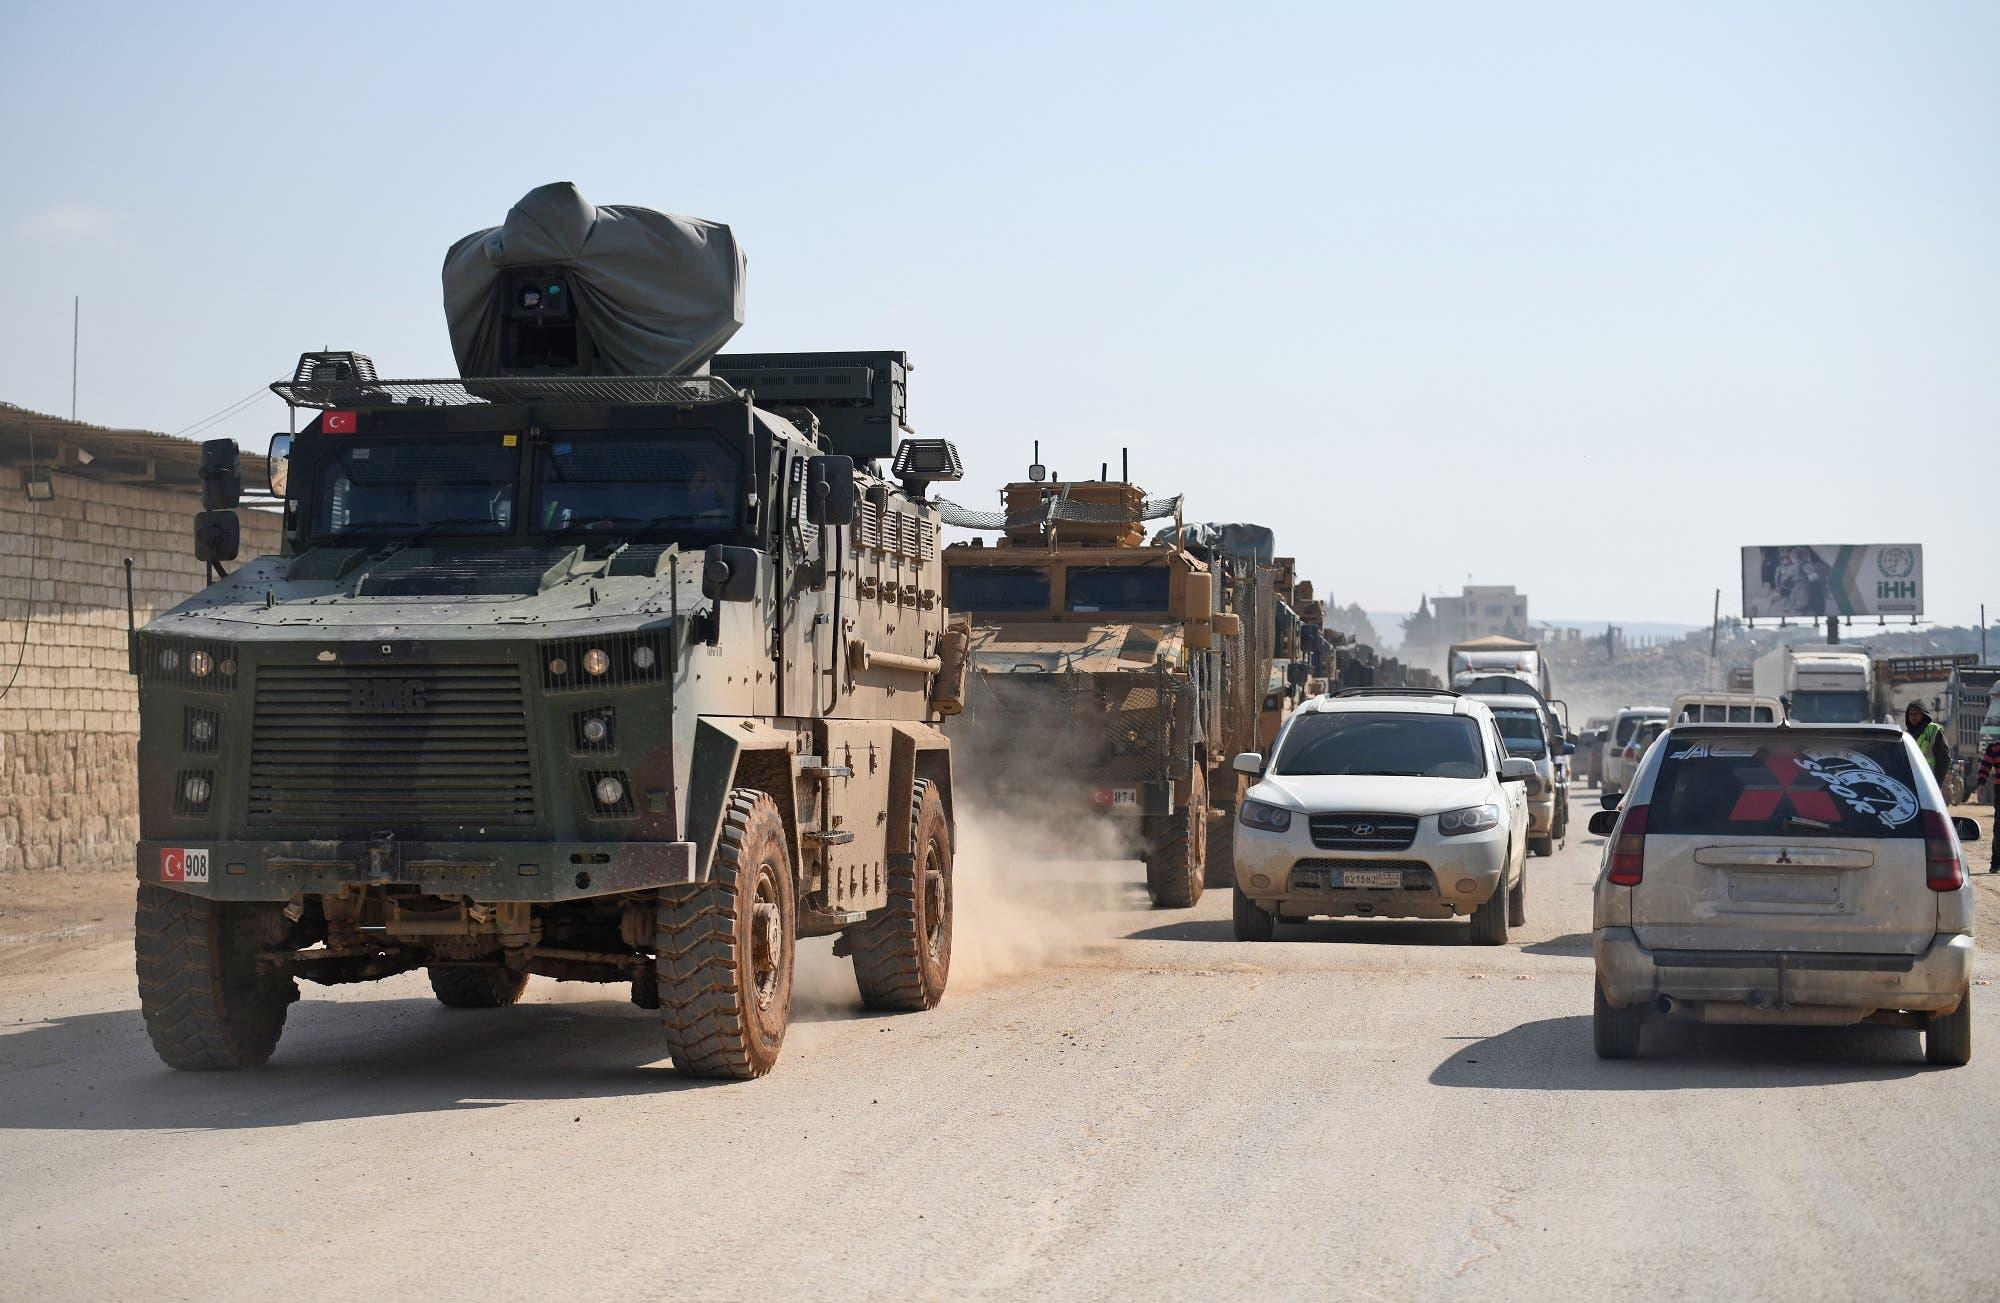 قافلة عسكرية تركية يوم 17 فبراير